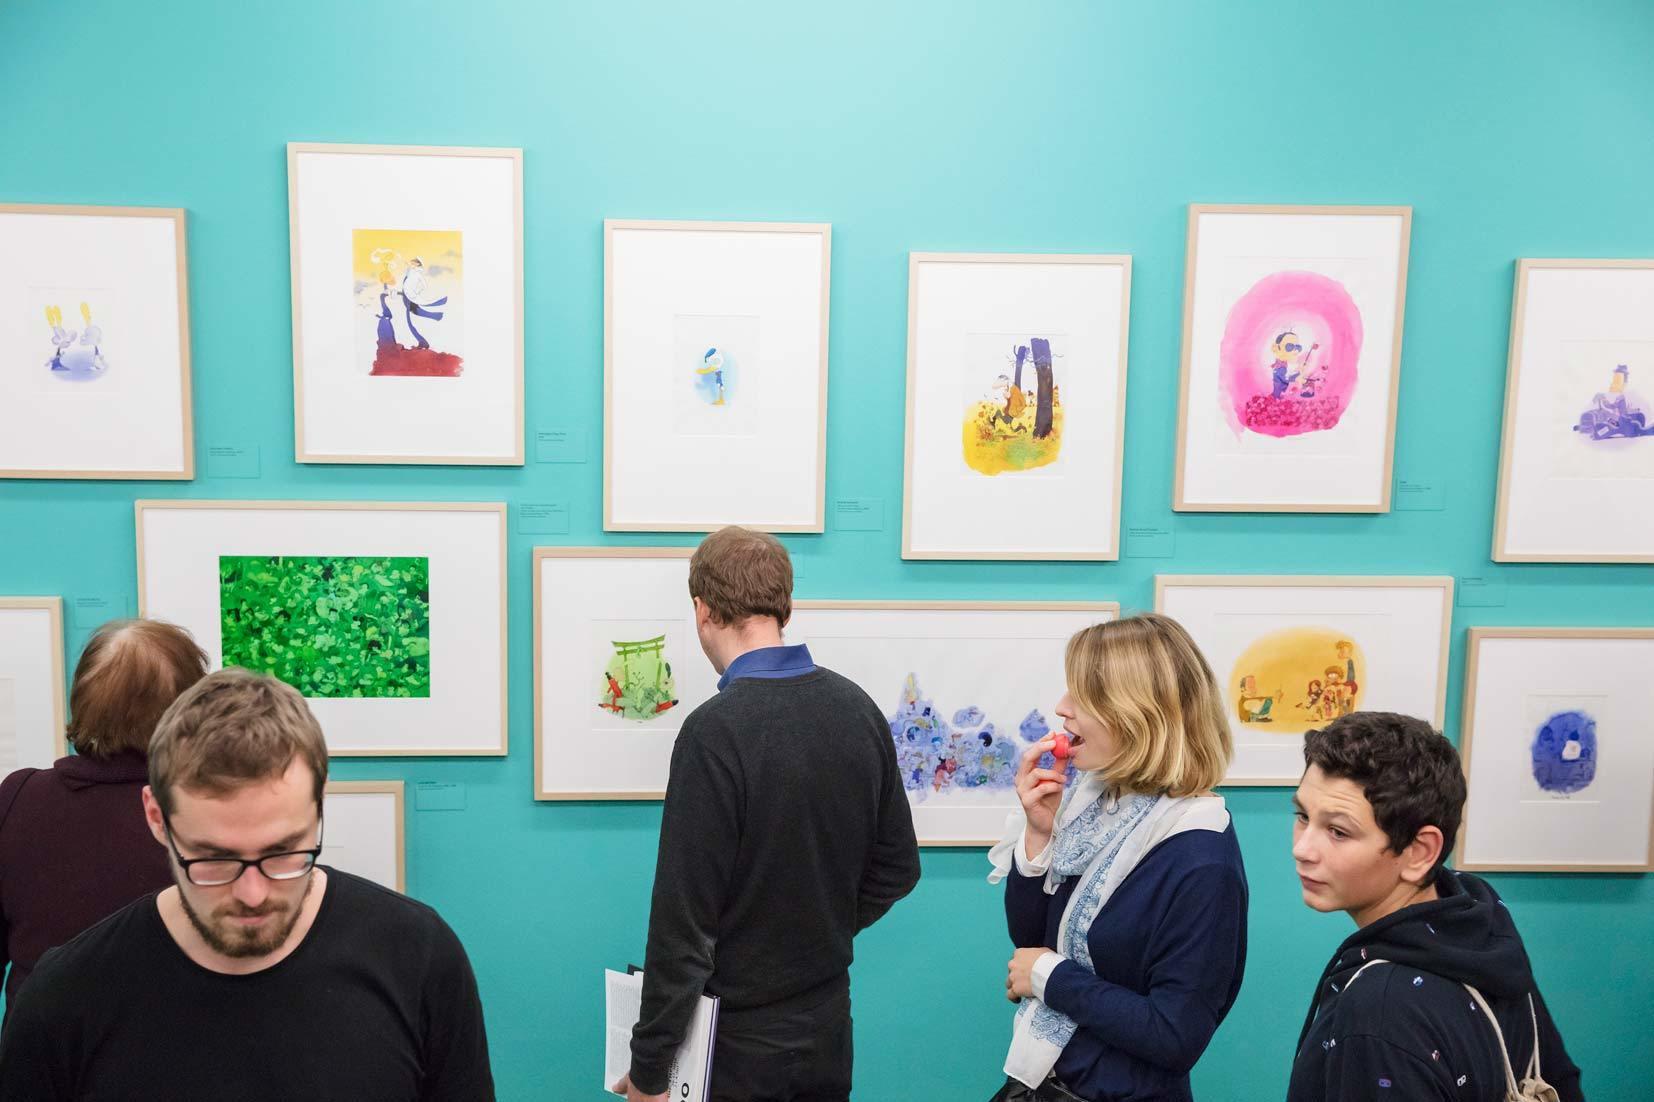 Die Ausstellung von Philippe Chappuis, dem international erfolgreichsten Schweizer Comicautor, ist ein Highlight der Basler Museumsnacht.